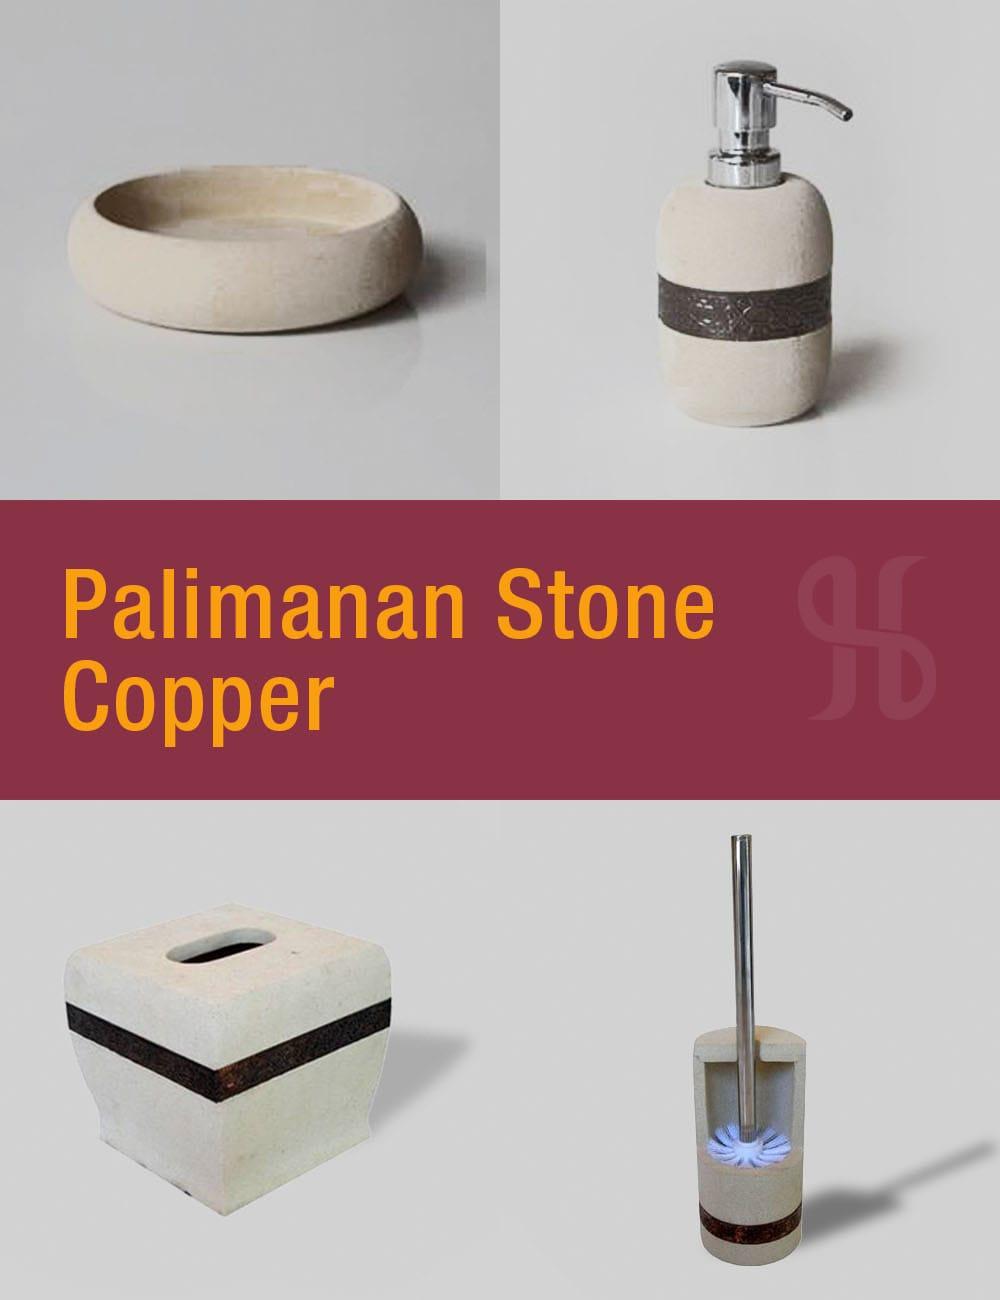 Palimanan Stone Copper